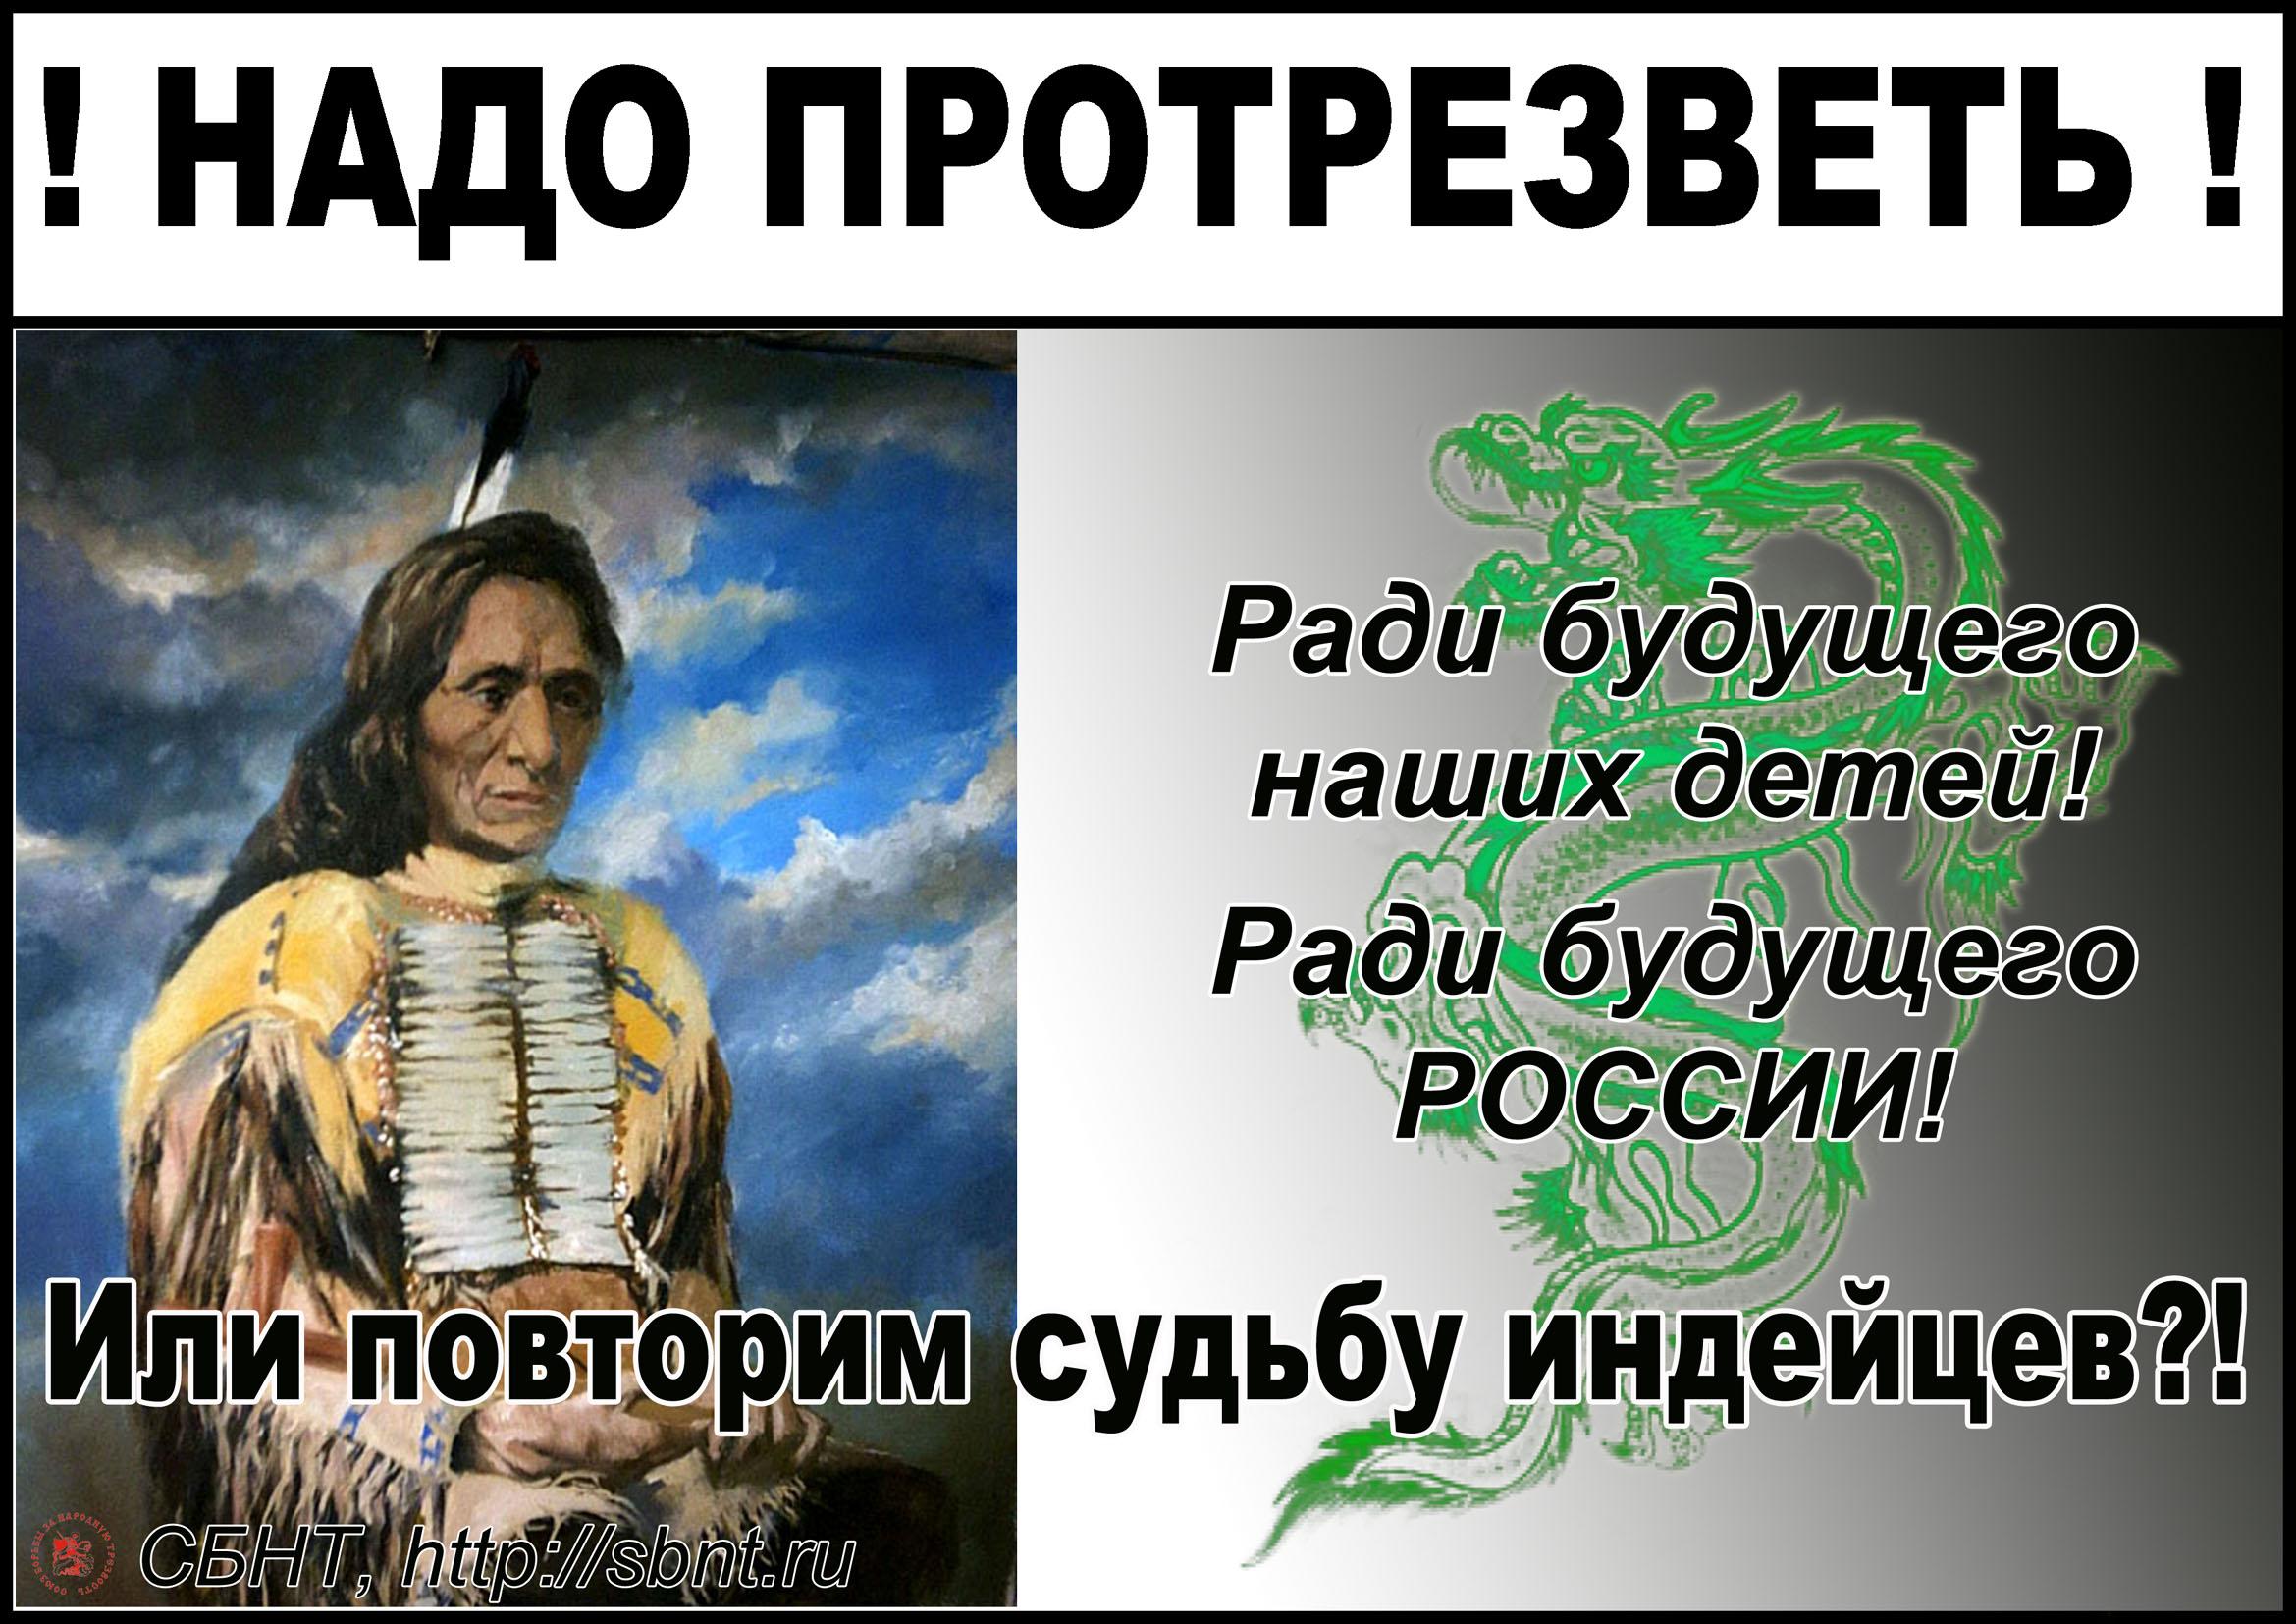 Настродамуса 2002 г порно секс ролики бали попутчик www досуг ру